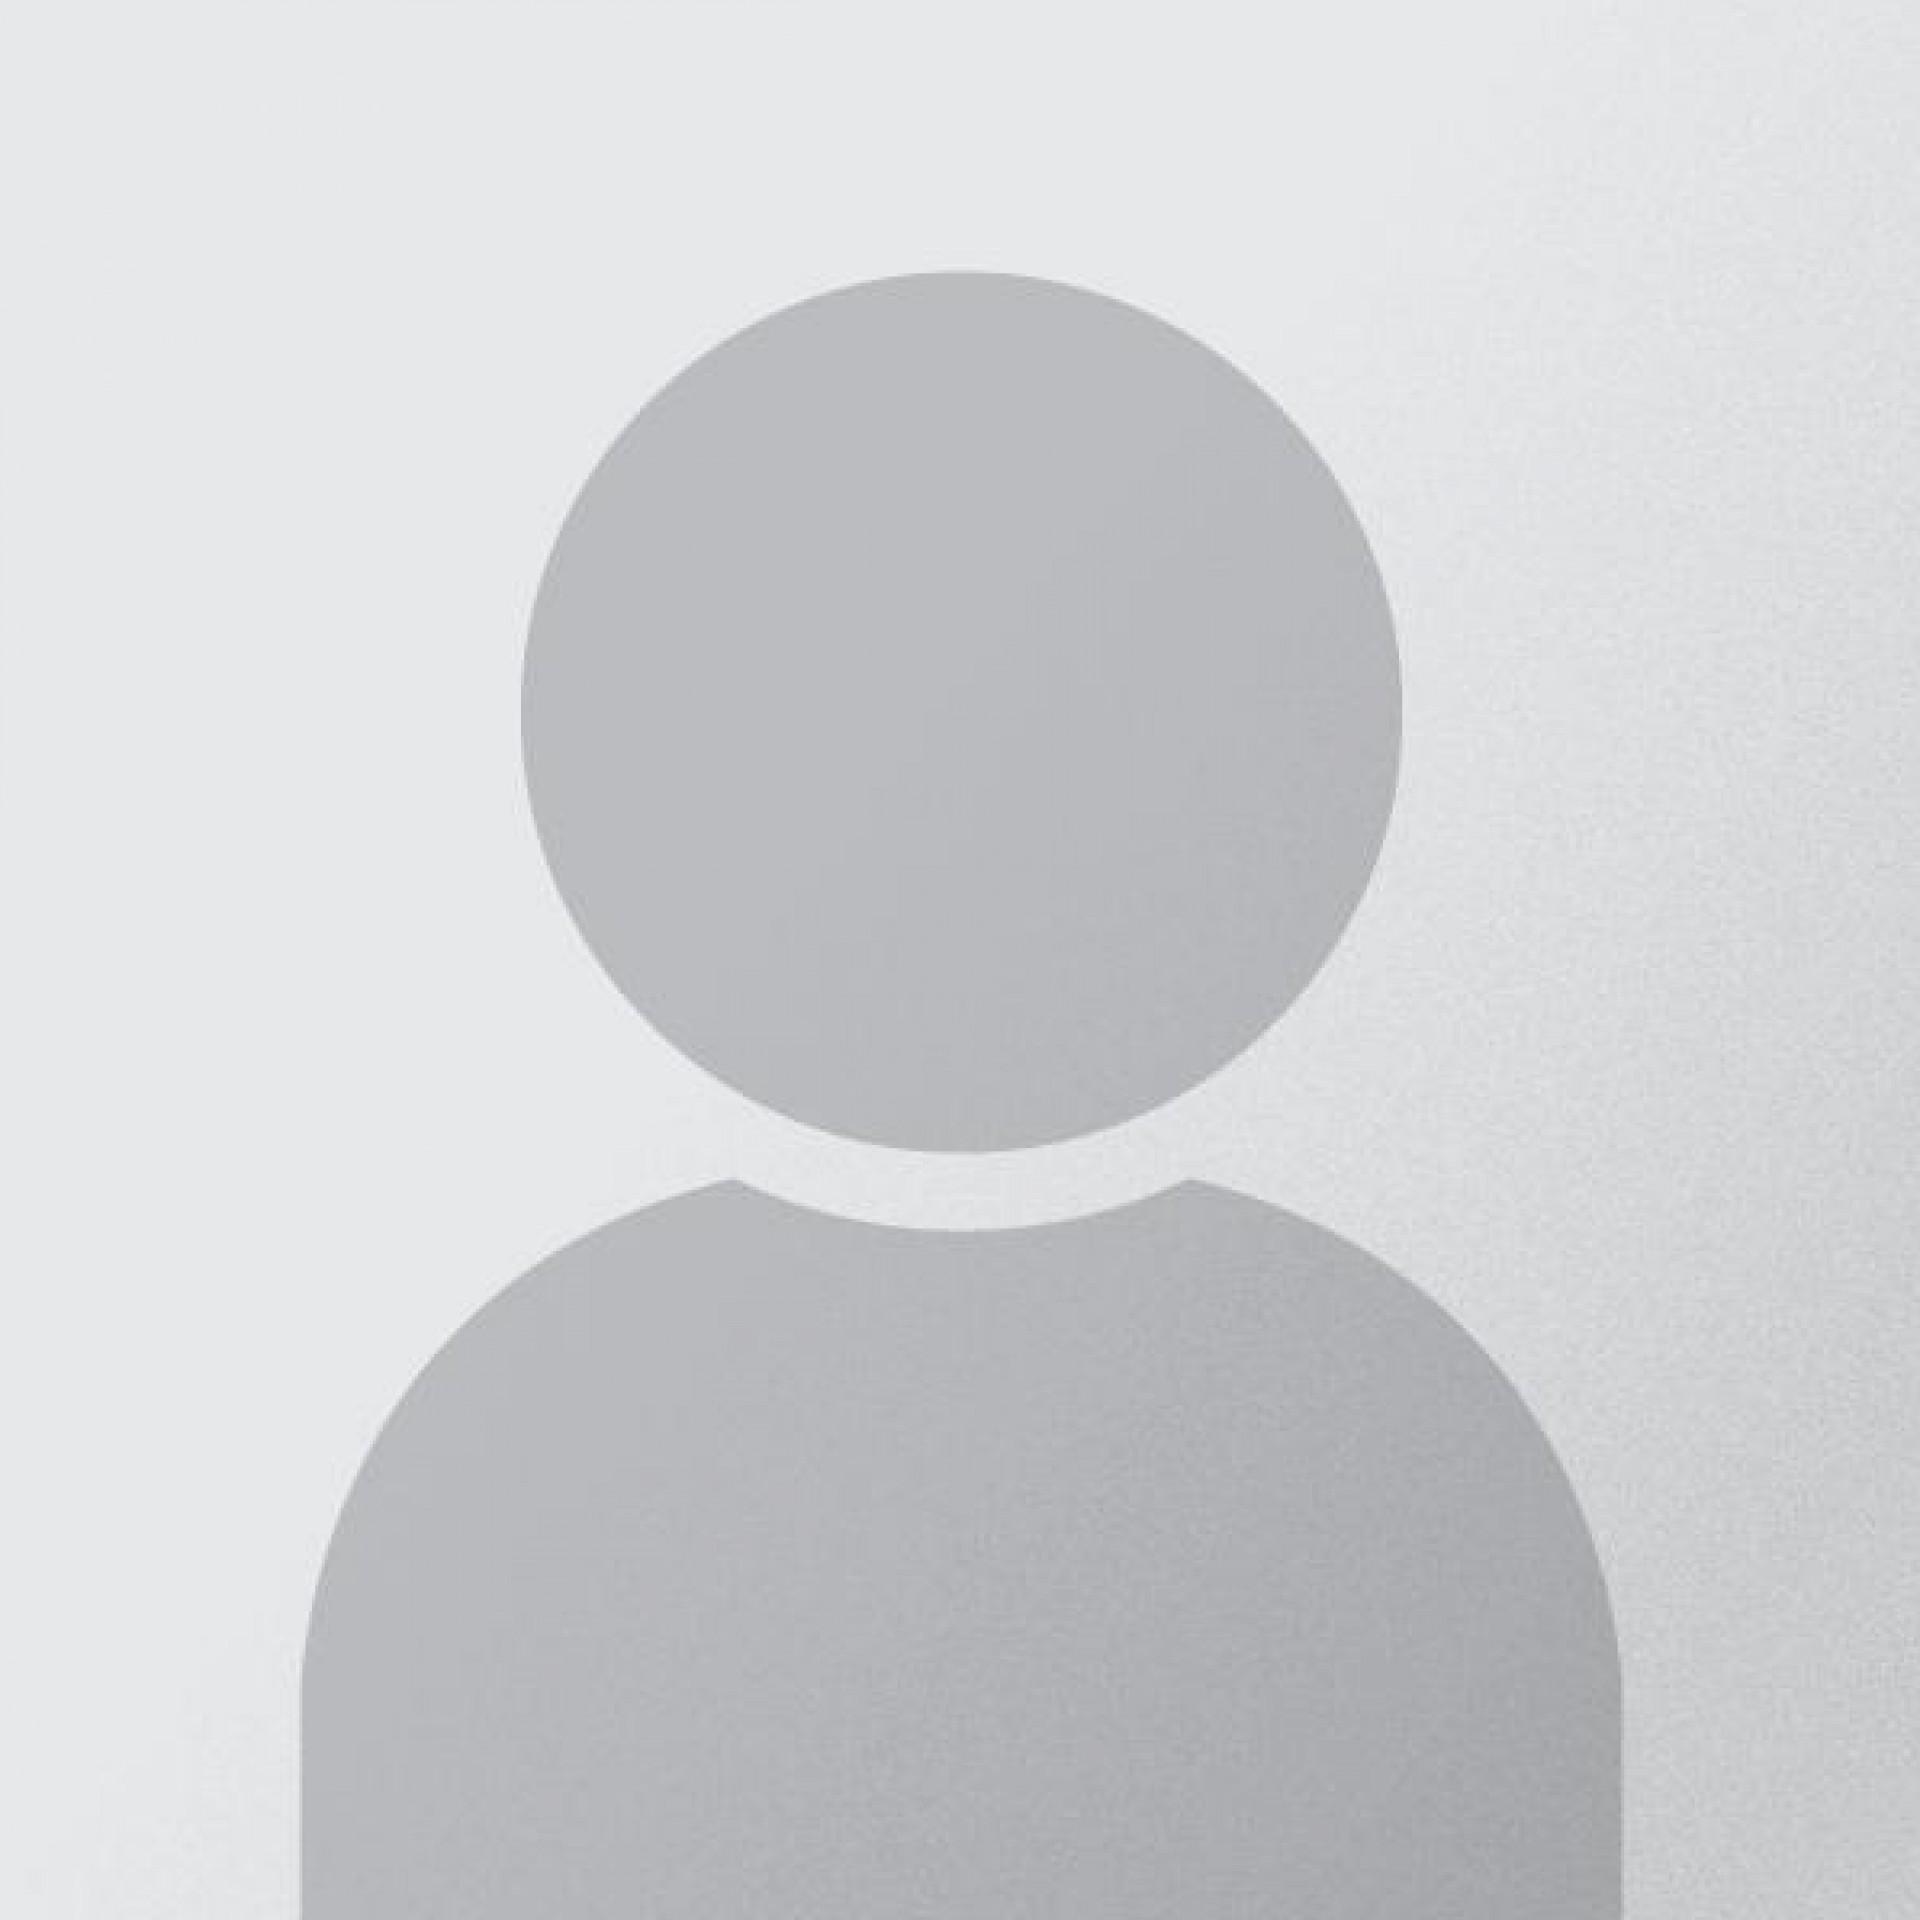 fotografia p031 profilu 0102911379